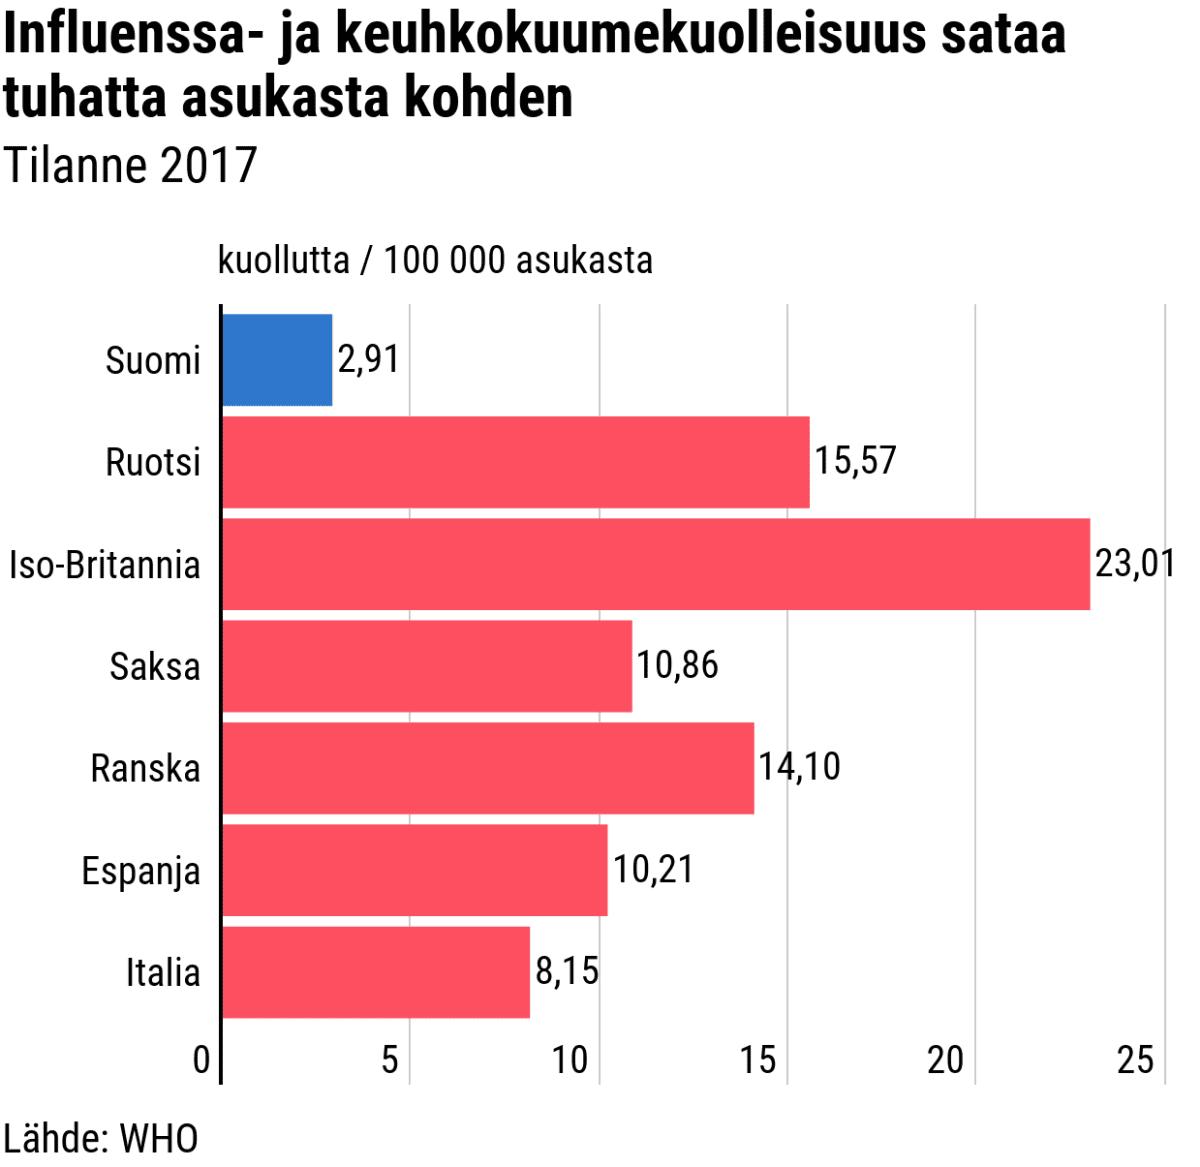 Tilastografiikka influenssa-ja-keuhokuumekuolleisuudesta tietyissä Euroopan maissa.